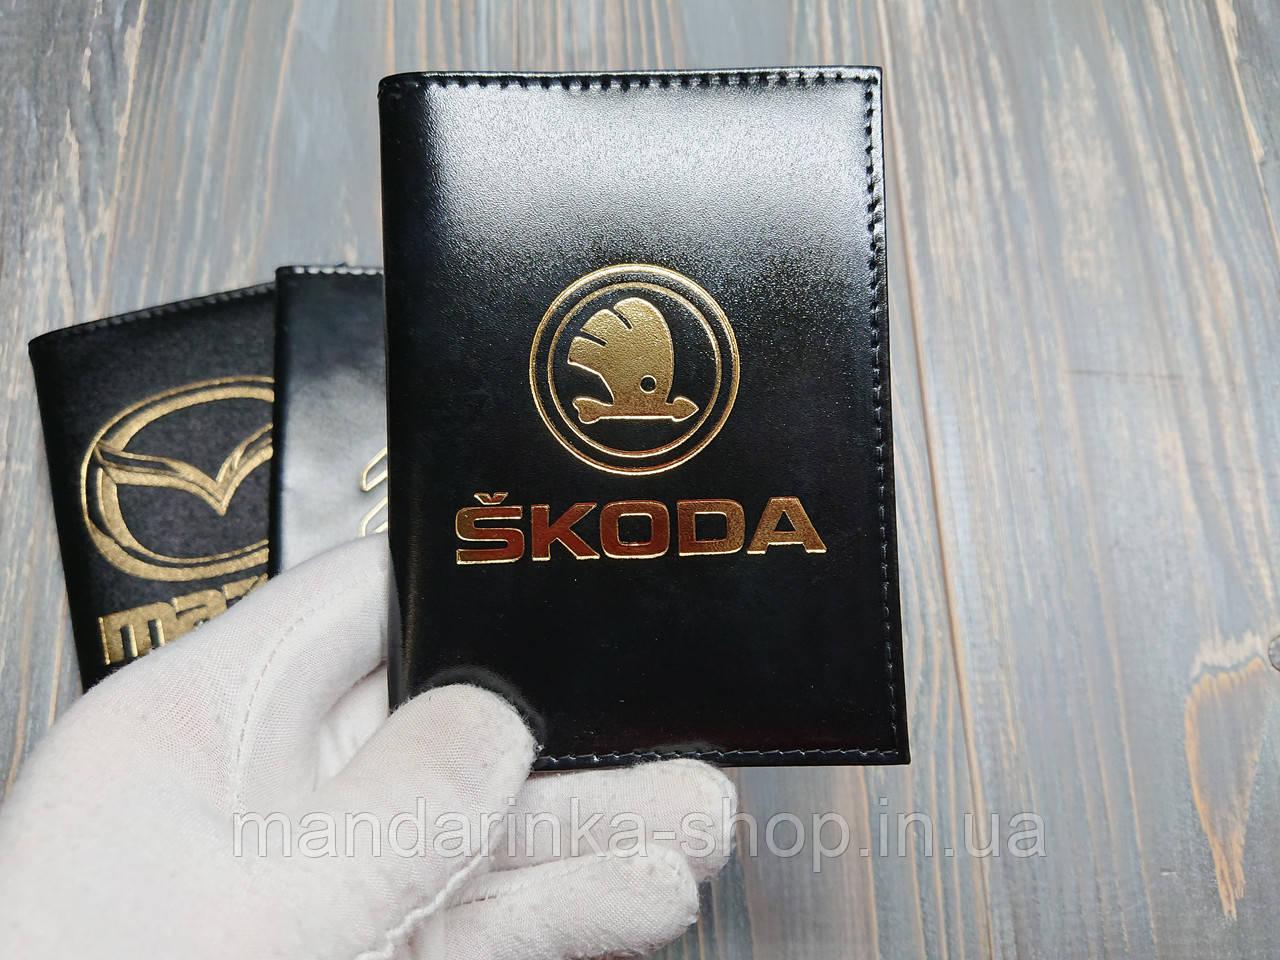 Кожаная обложка для автодокументов с логотипом Skoda, для прав старого и нового образца